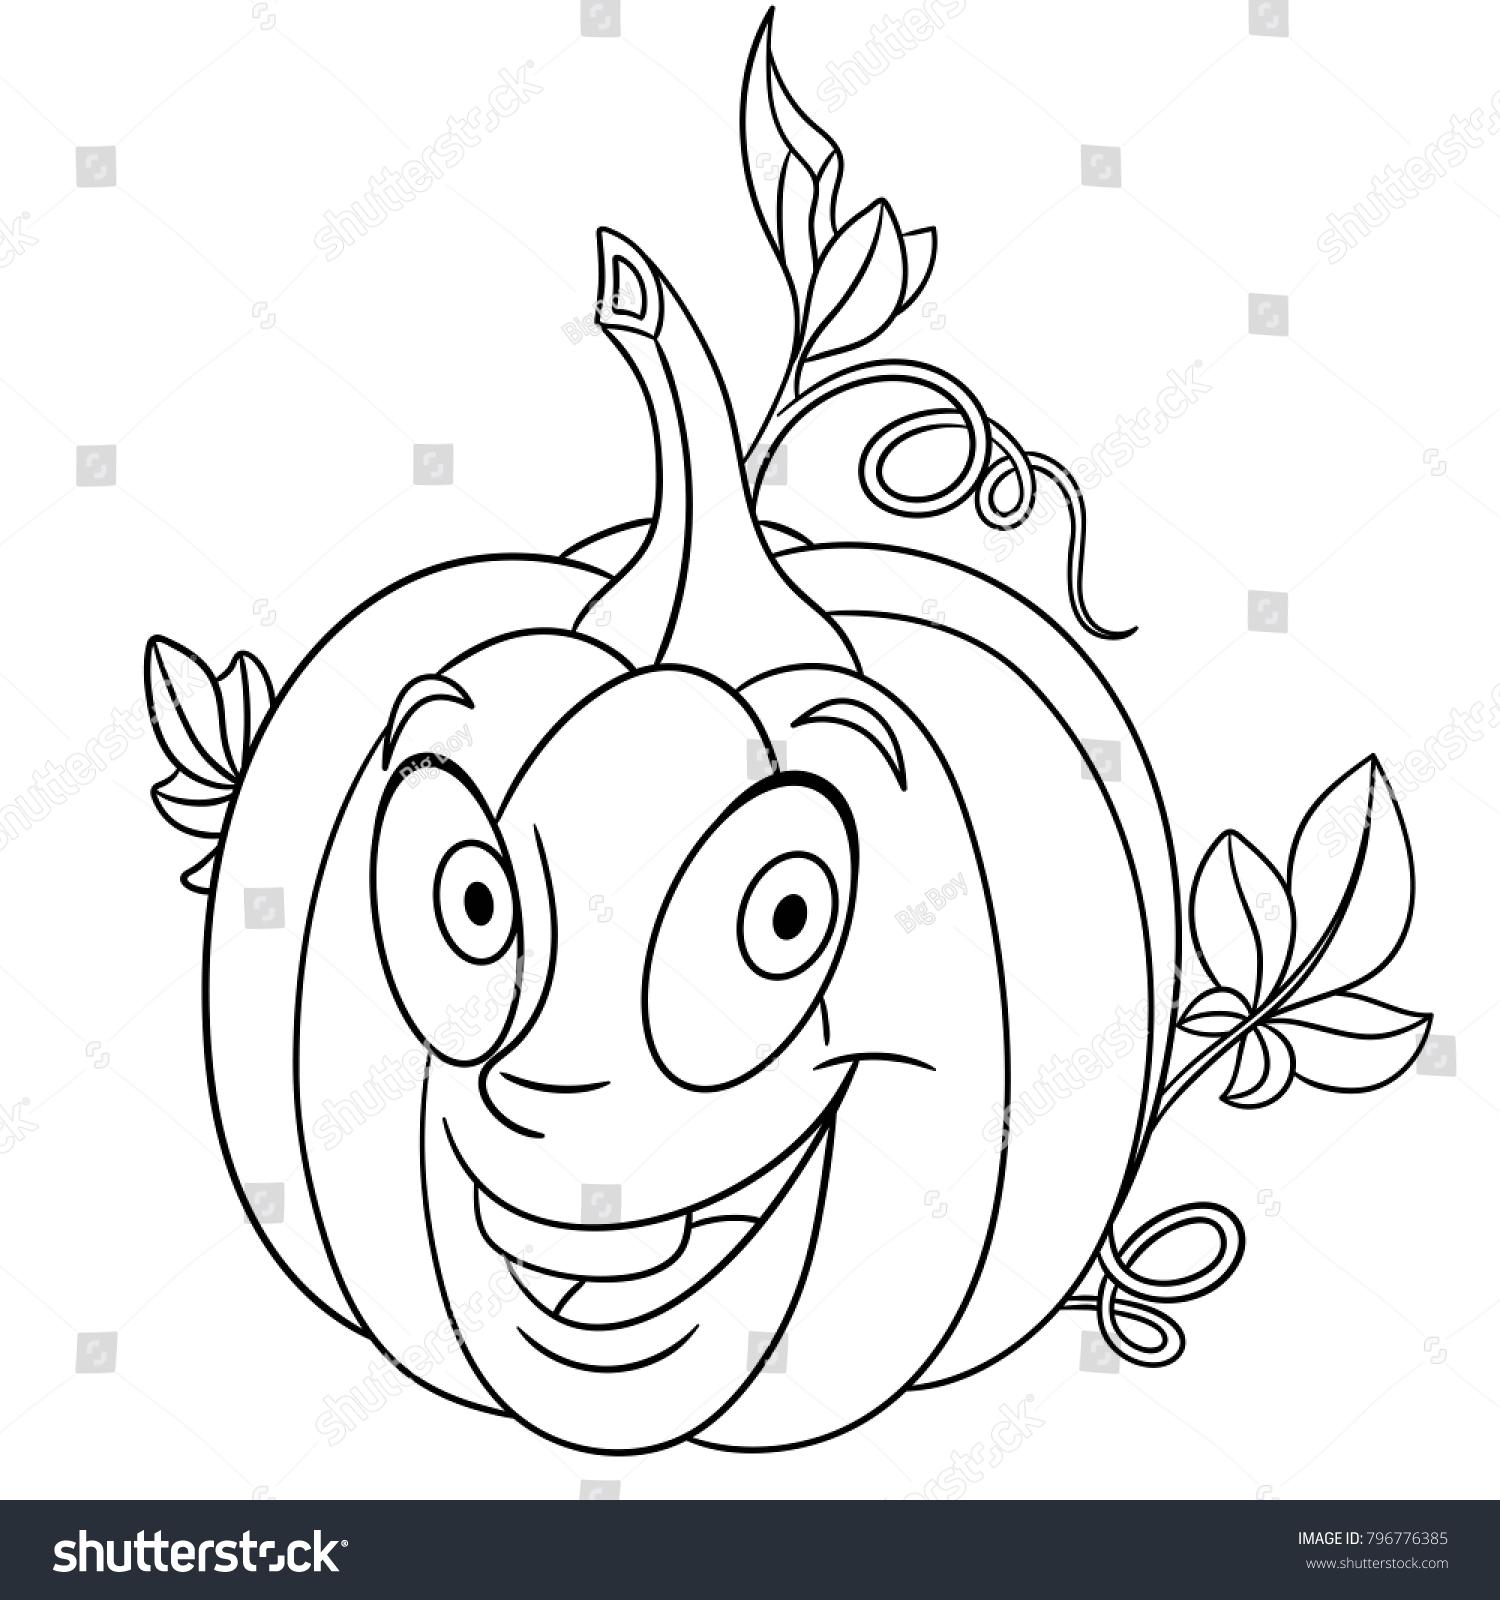 Coloring Page Coloring Book Cartoon Pumpkin Stock Vector HD (Royalty ...